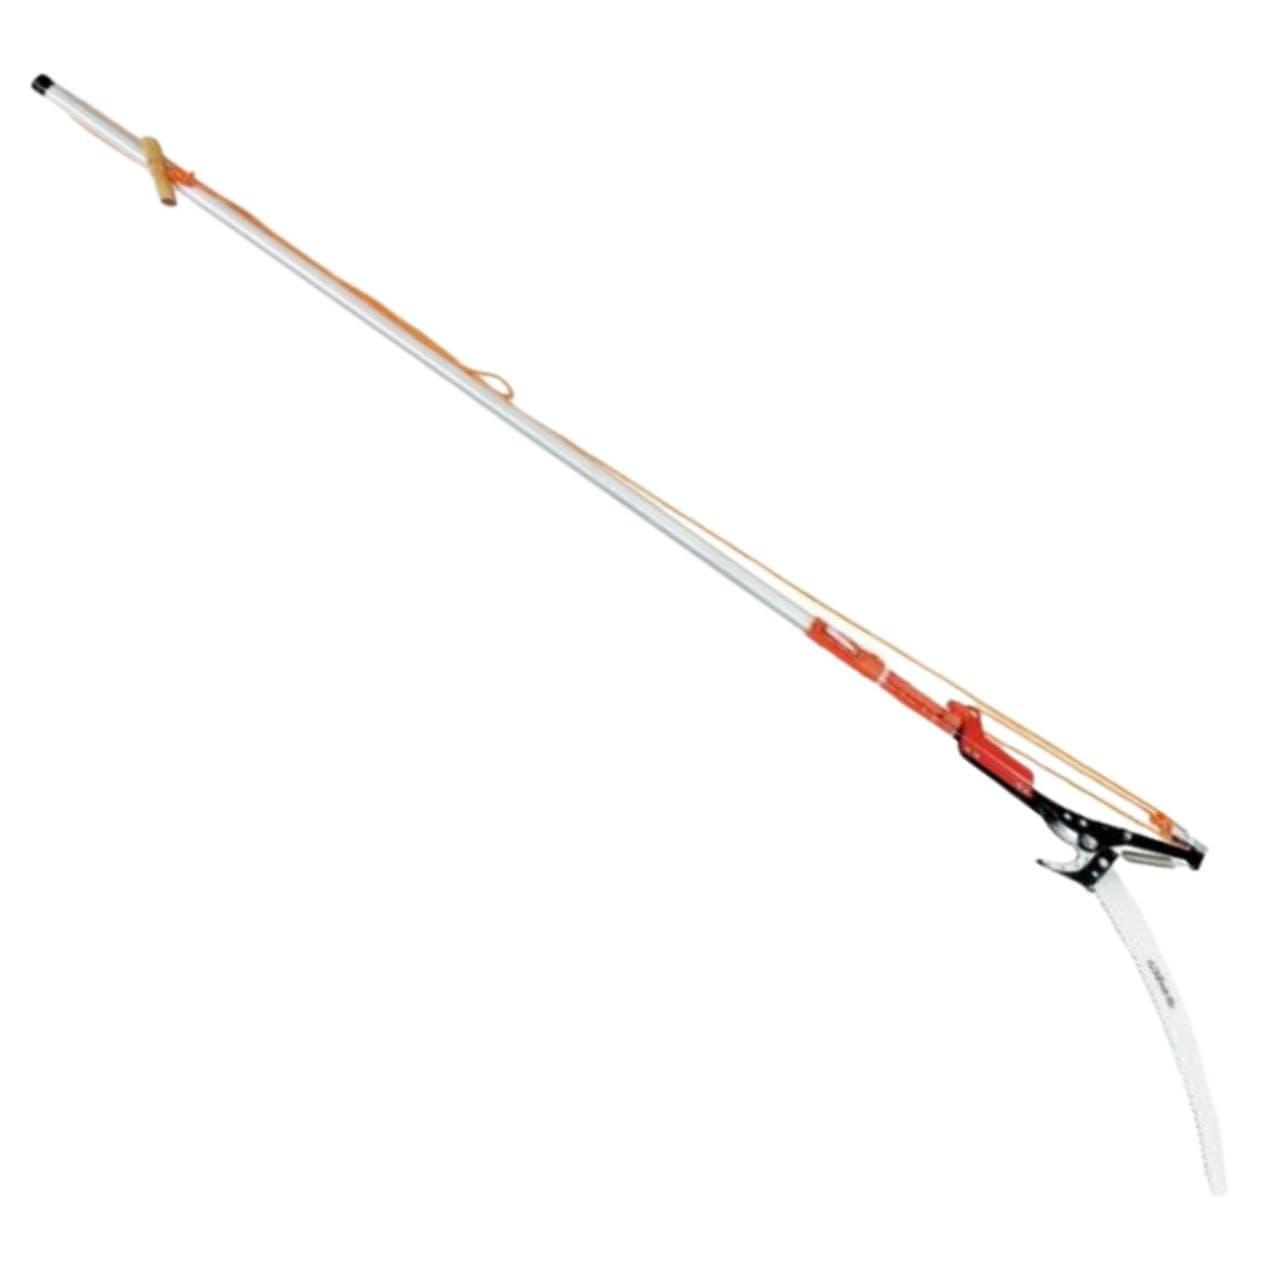 Korean Pole Saws